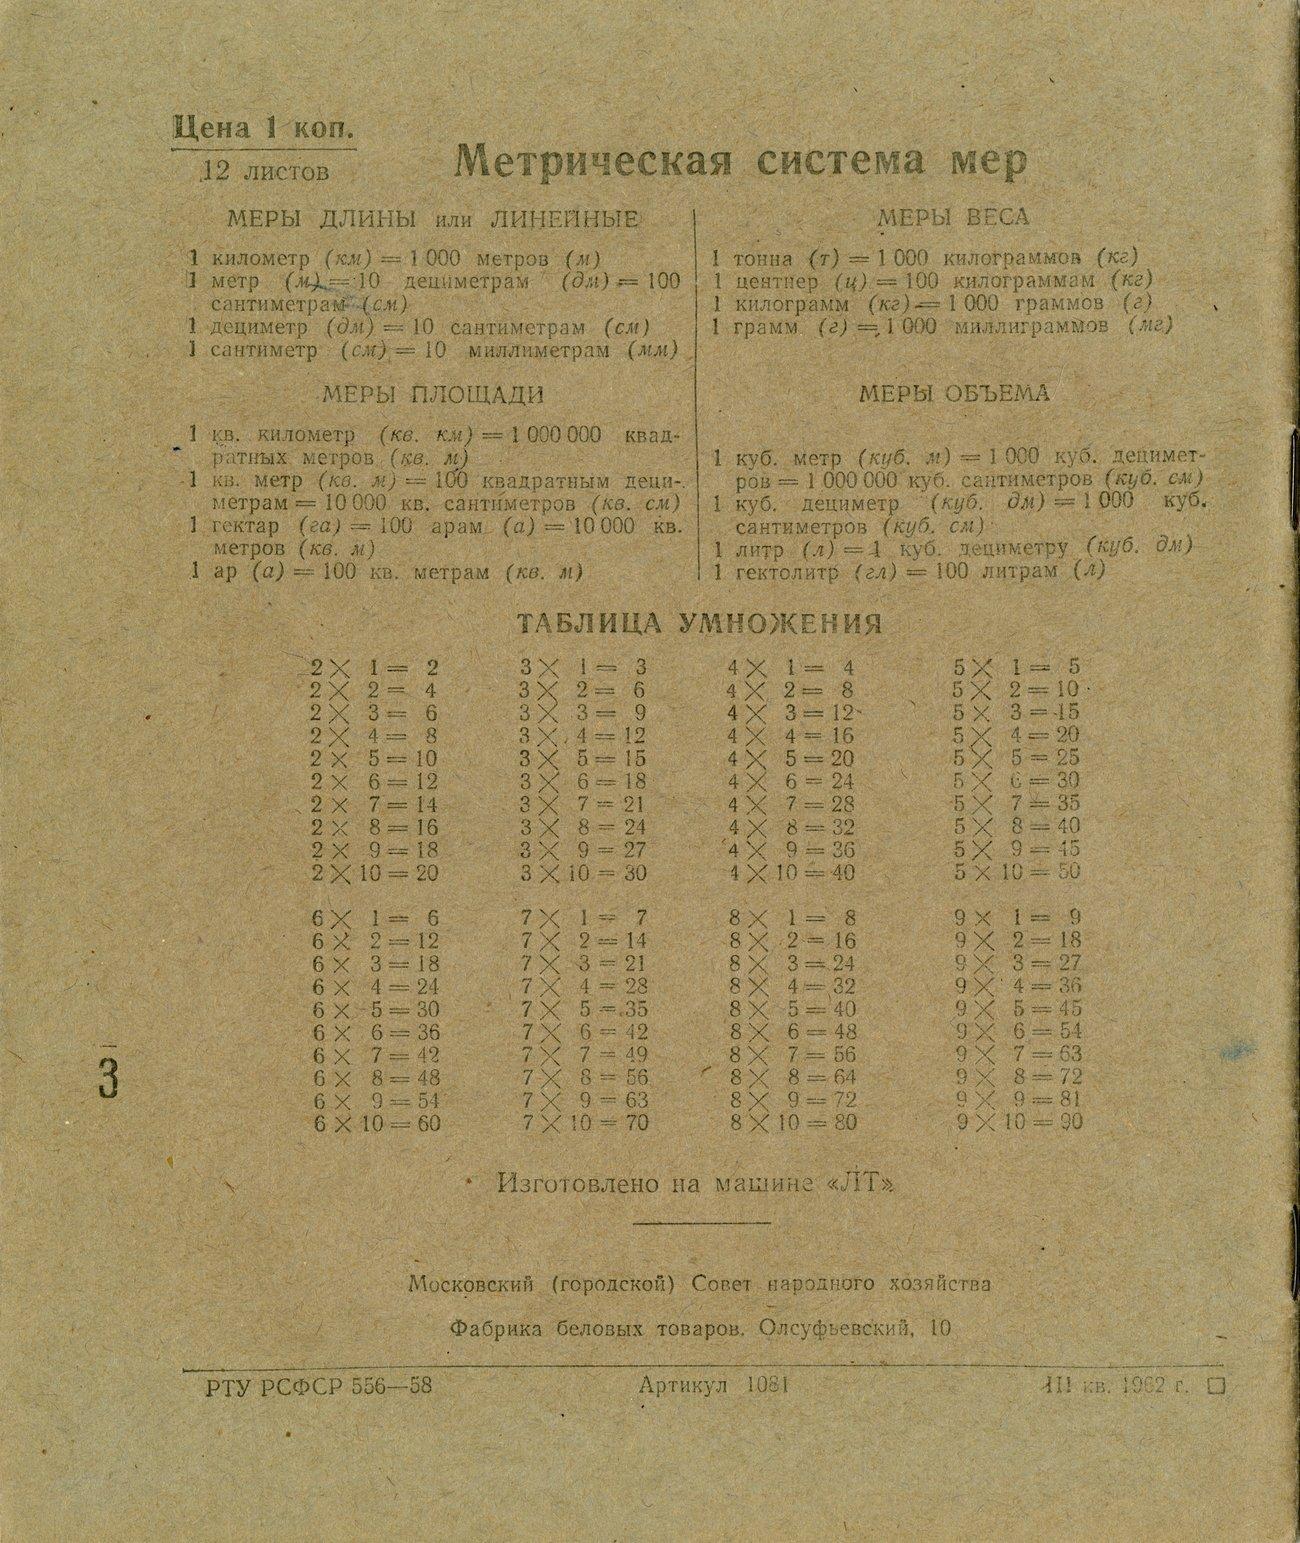 тетрадь 40 лет пионерии 046